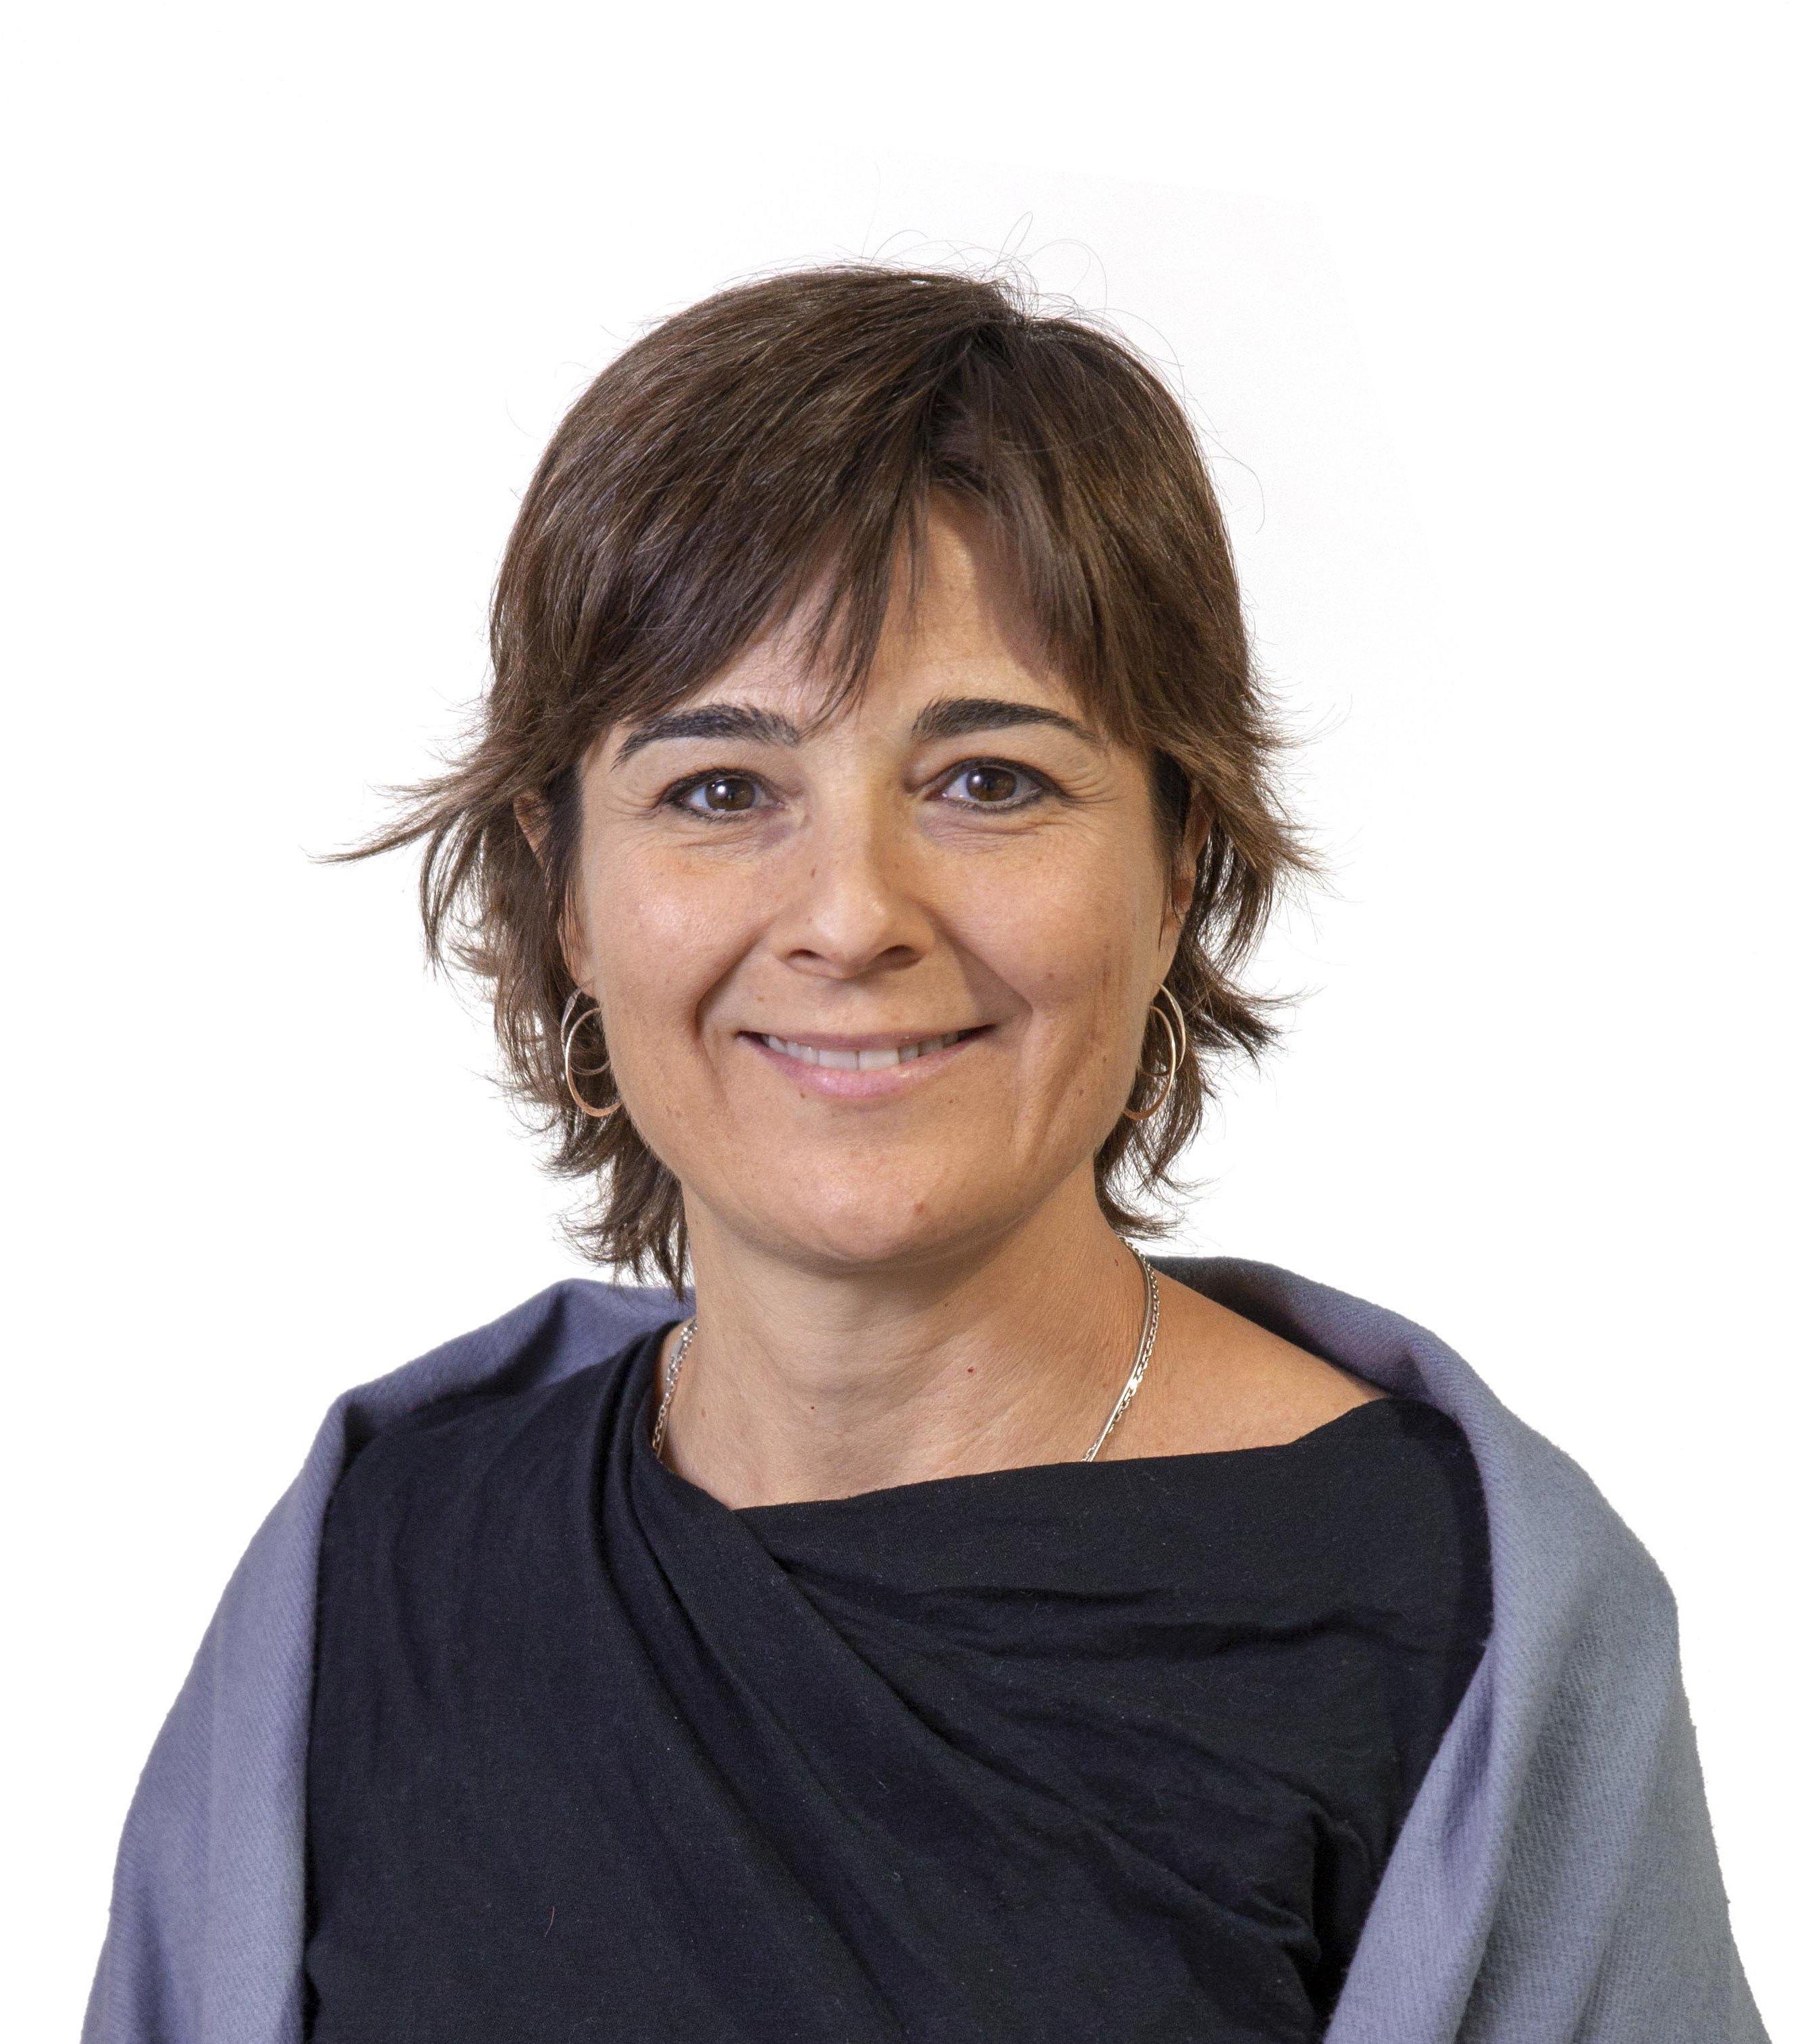 Anna Borrell